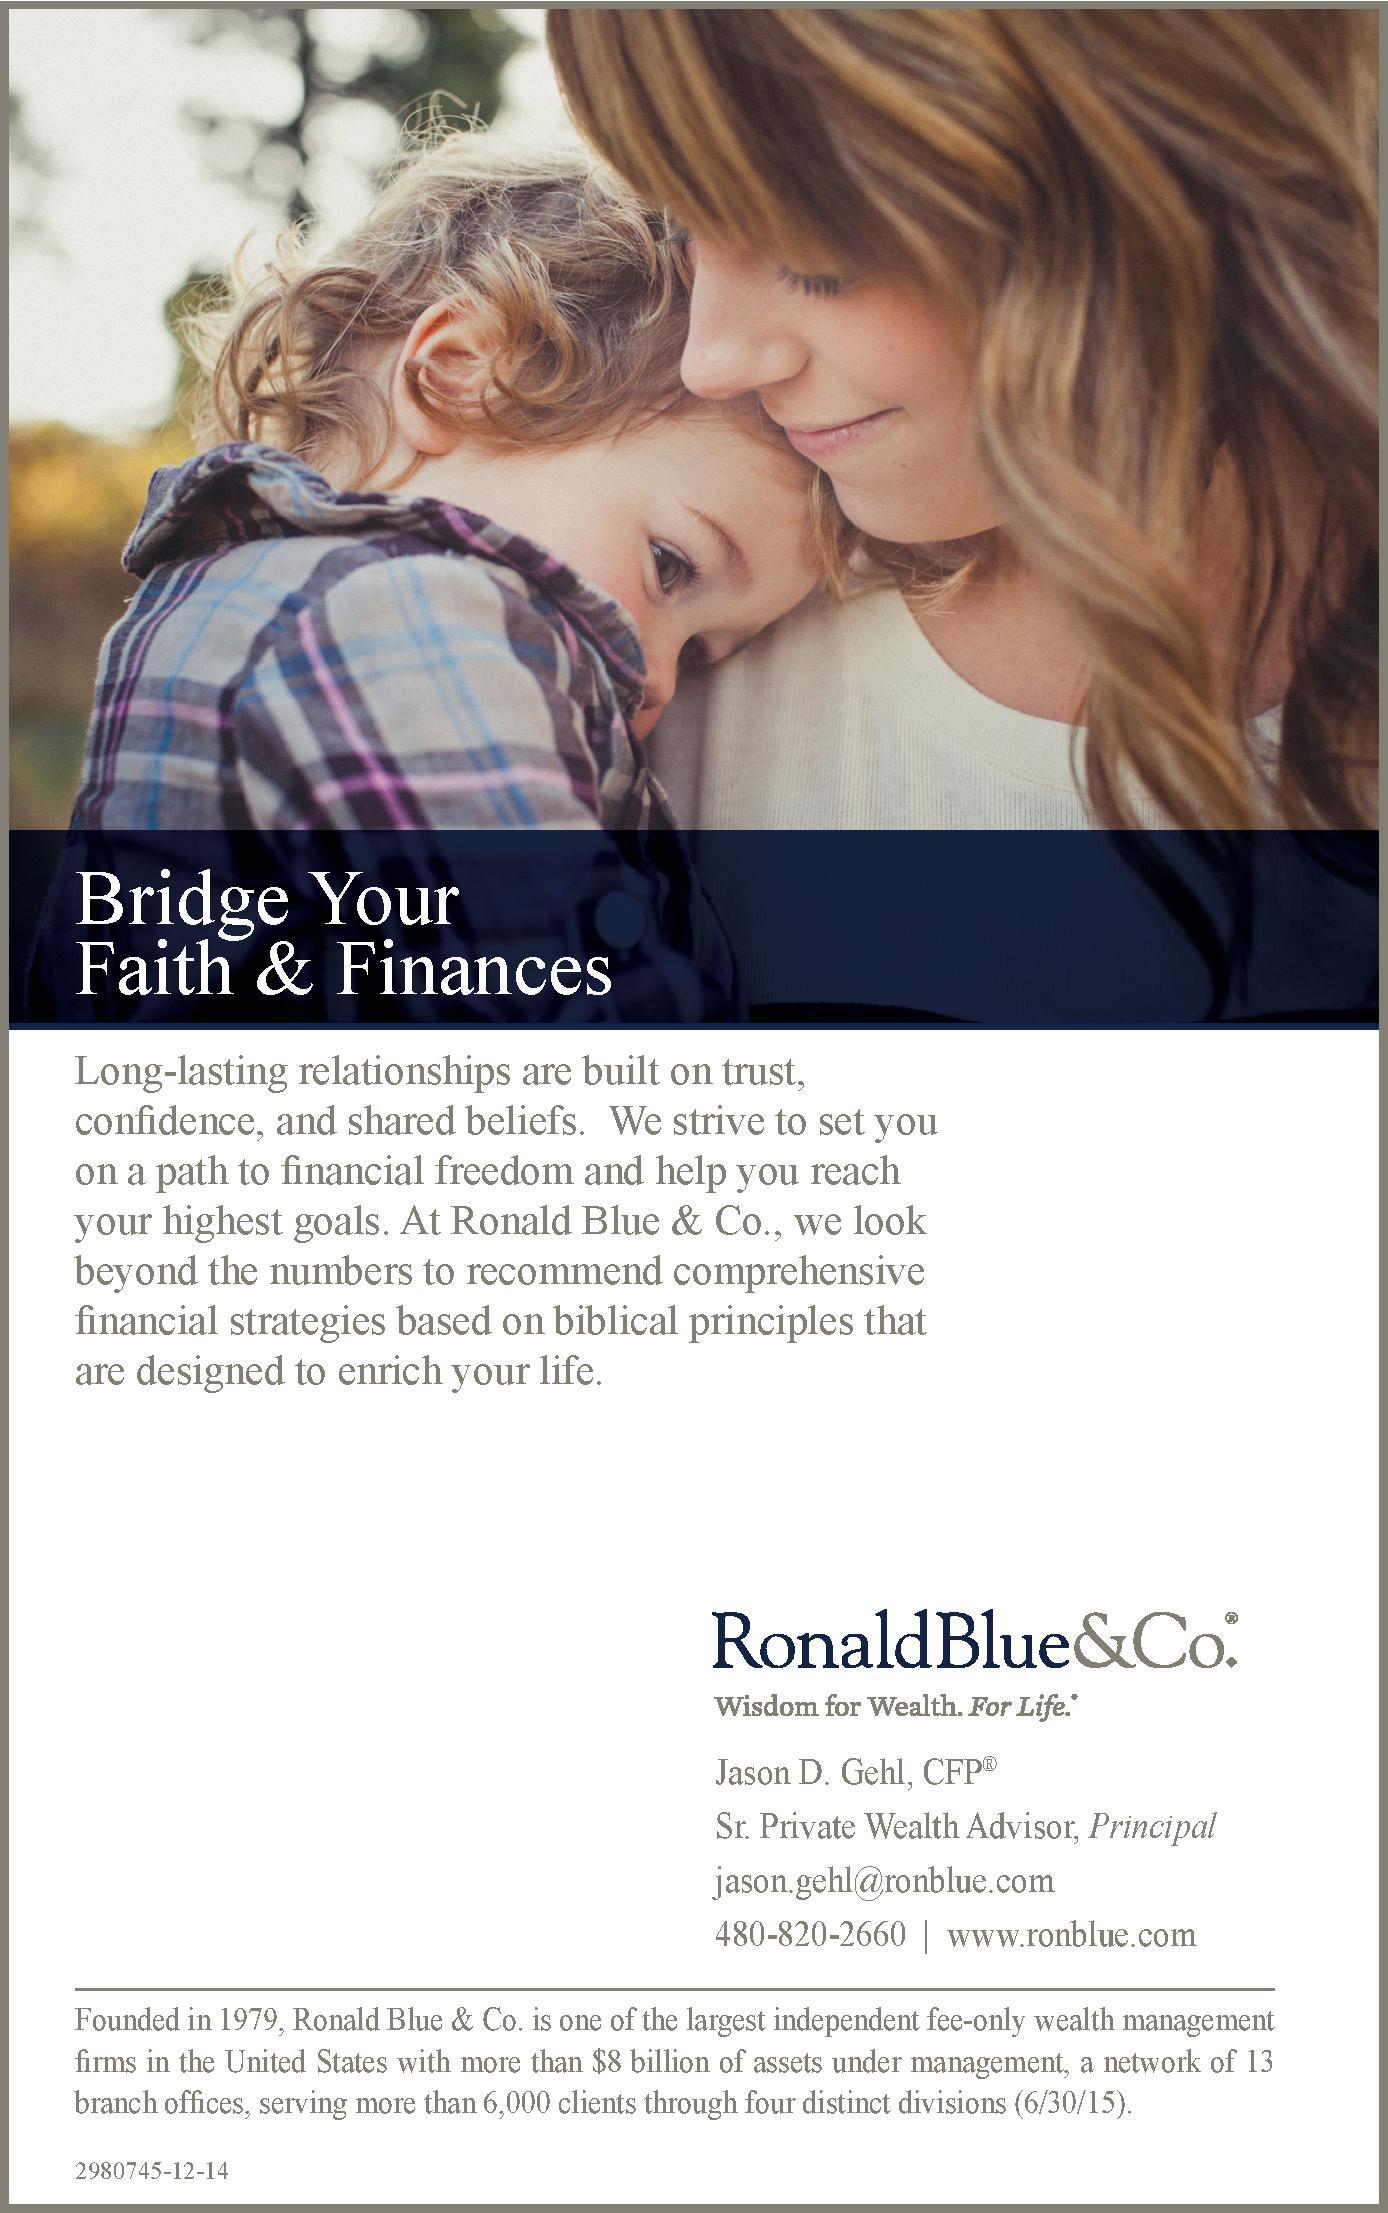 Ronald Blue&Co.